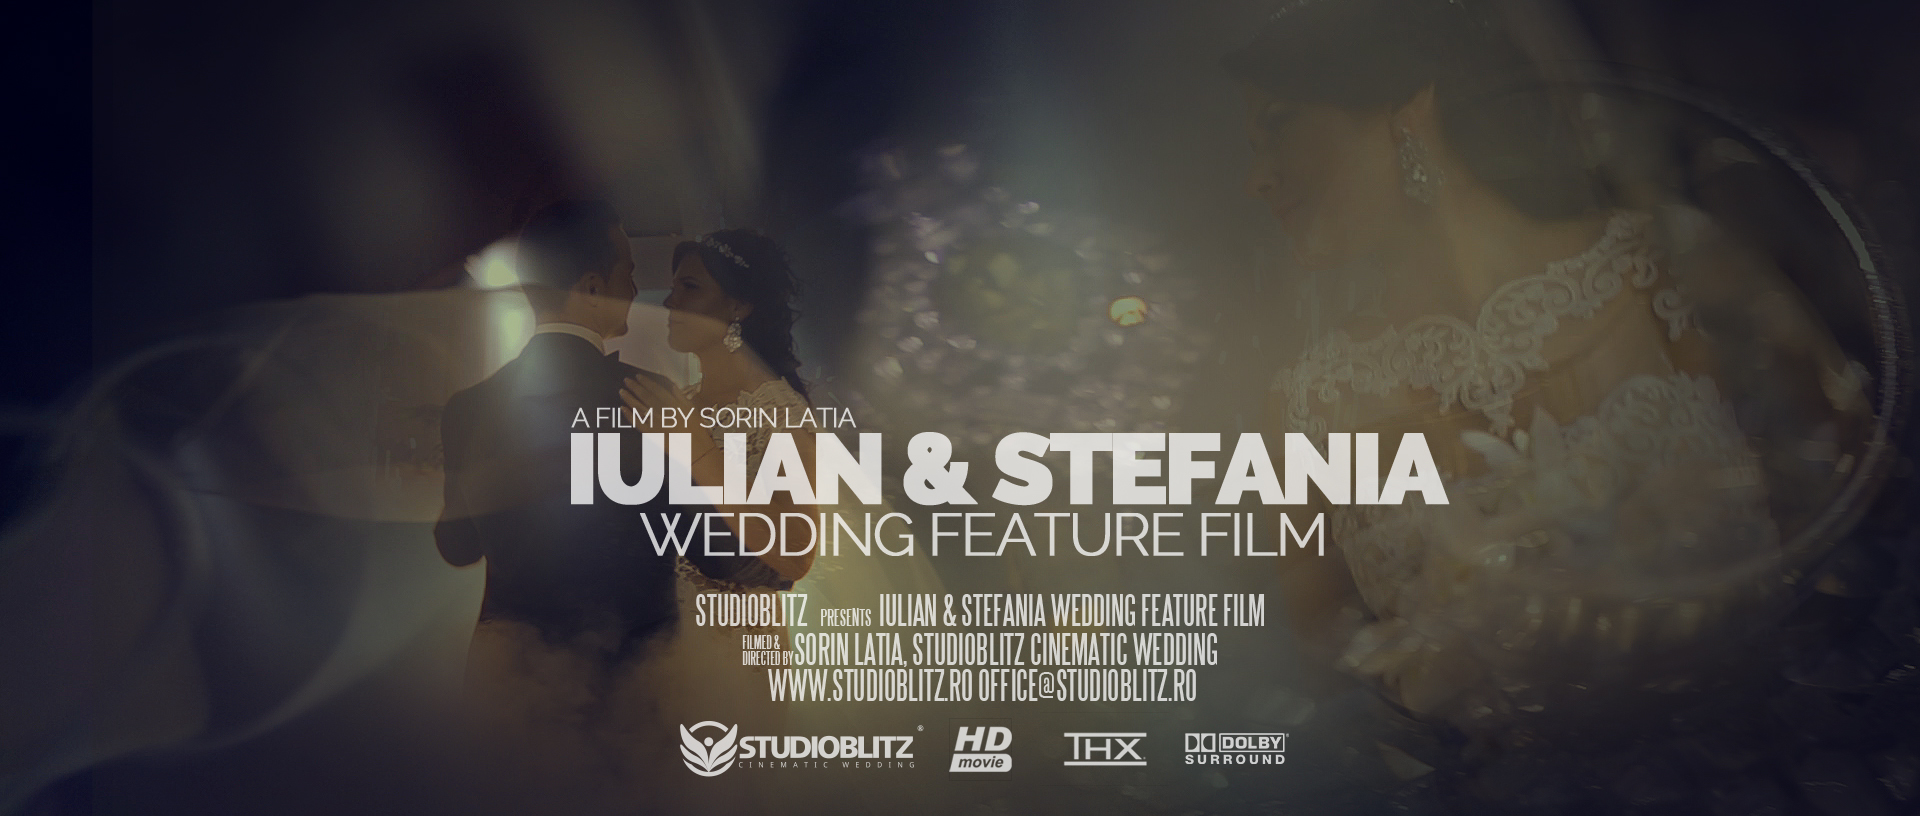 coperta-filmari-nunti-buzau-iulian-stefania-wedding-feature-film